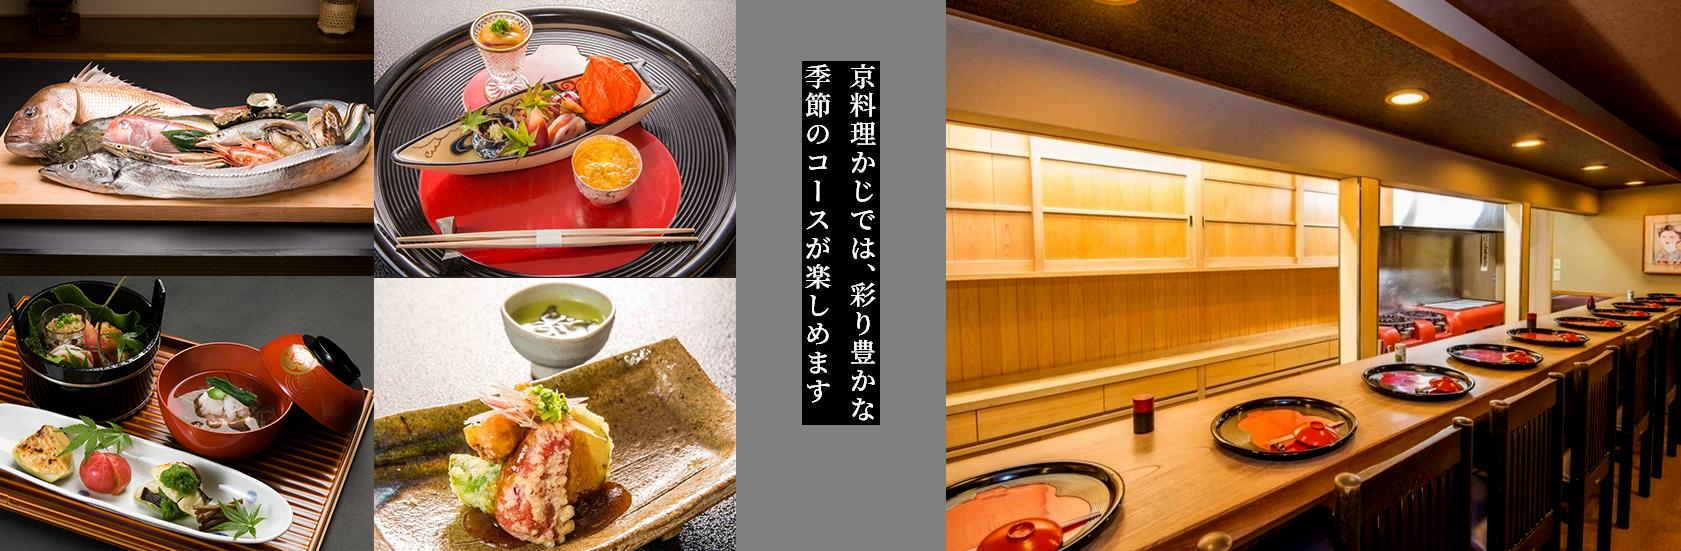 京料理かじでは、彩り豊かな季節のコースが楽しめます